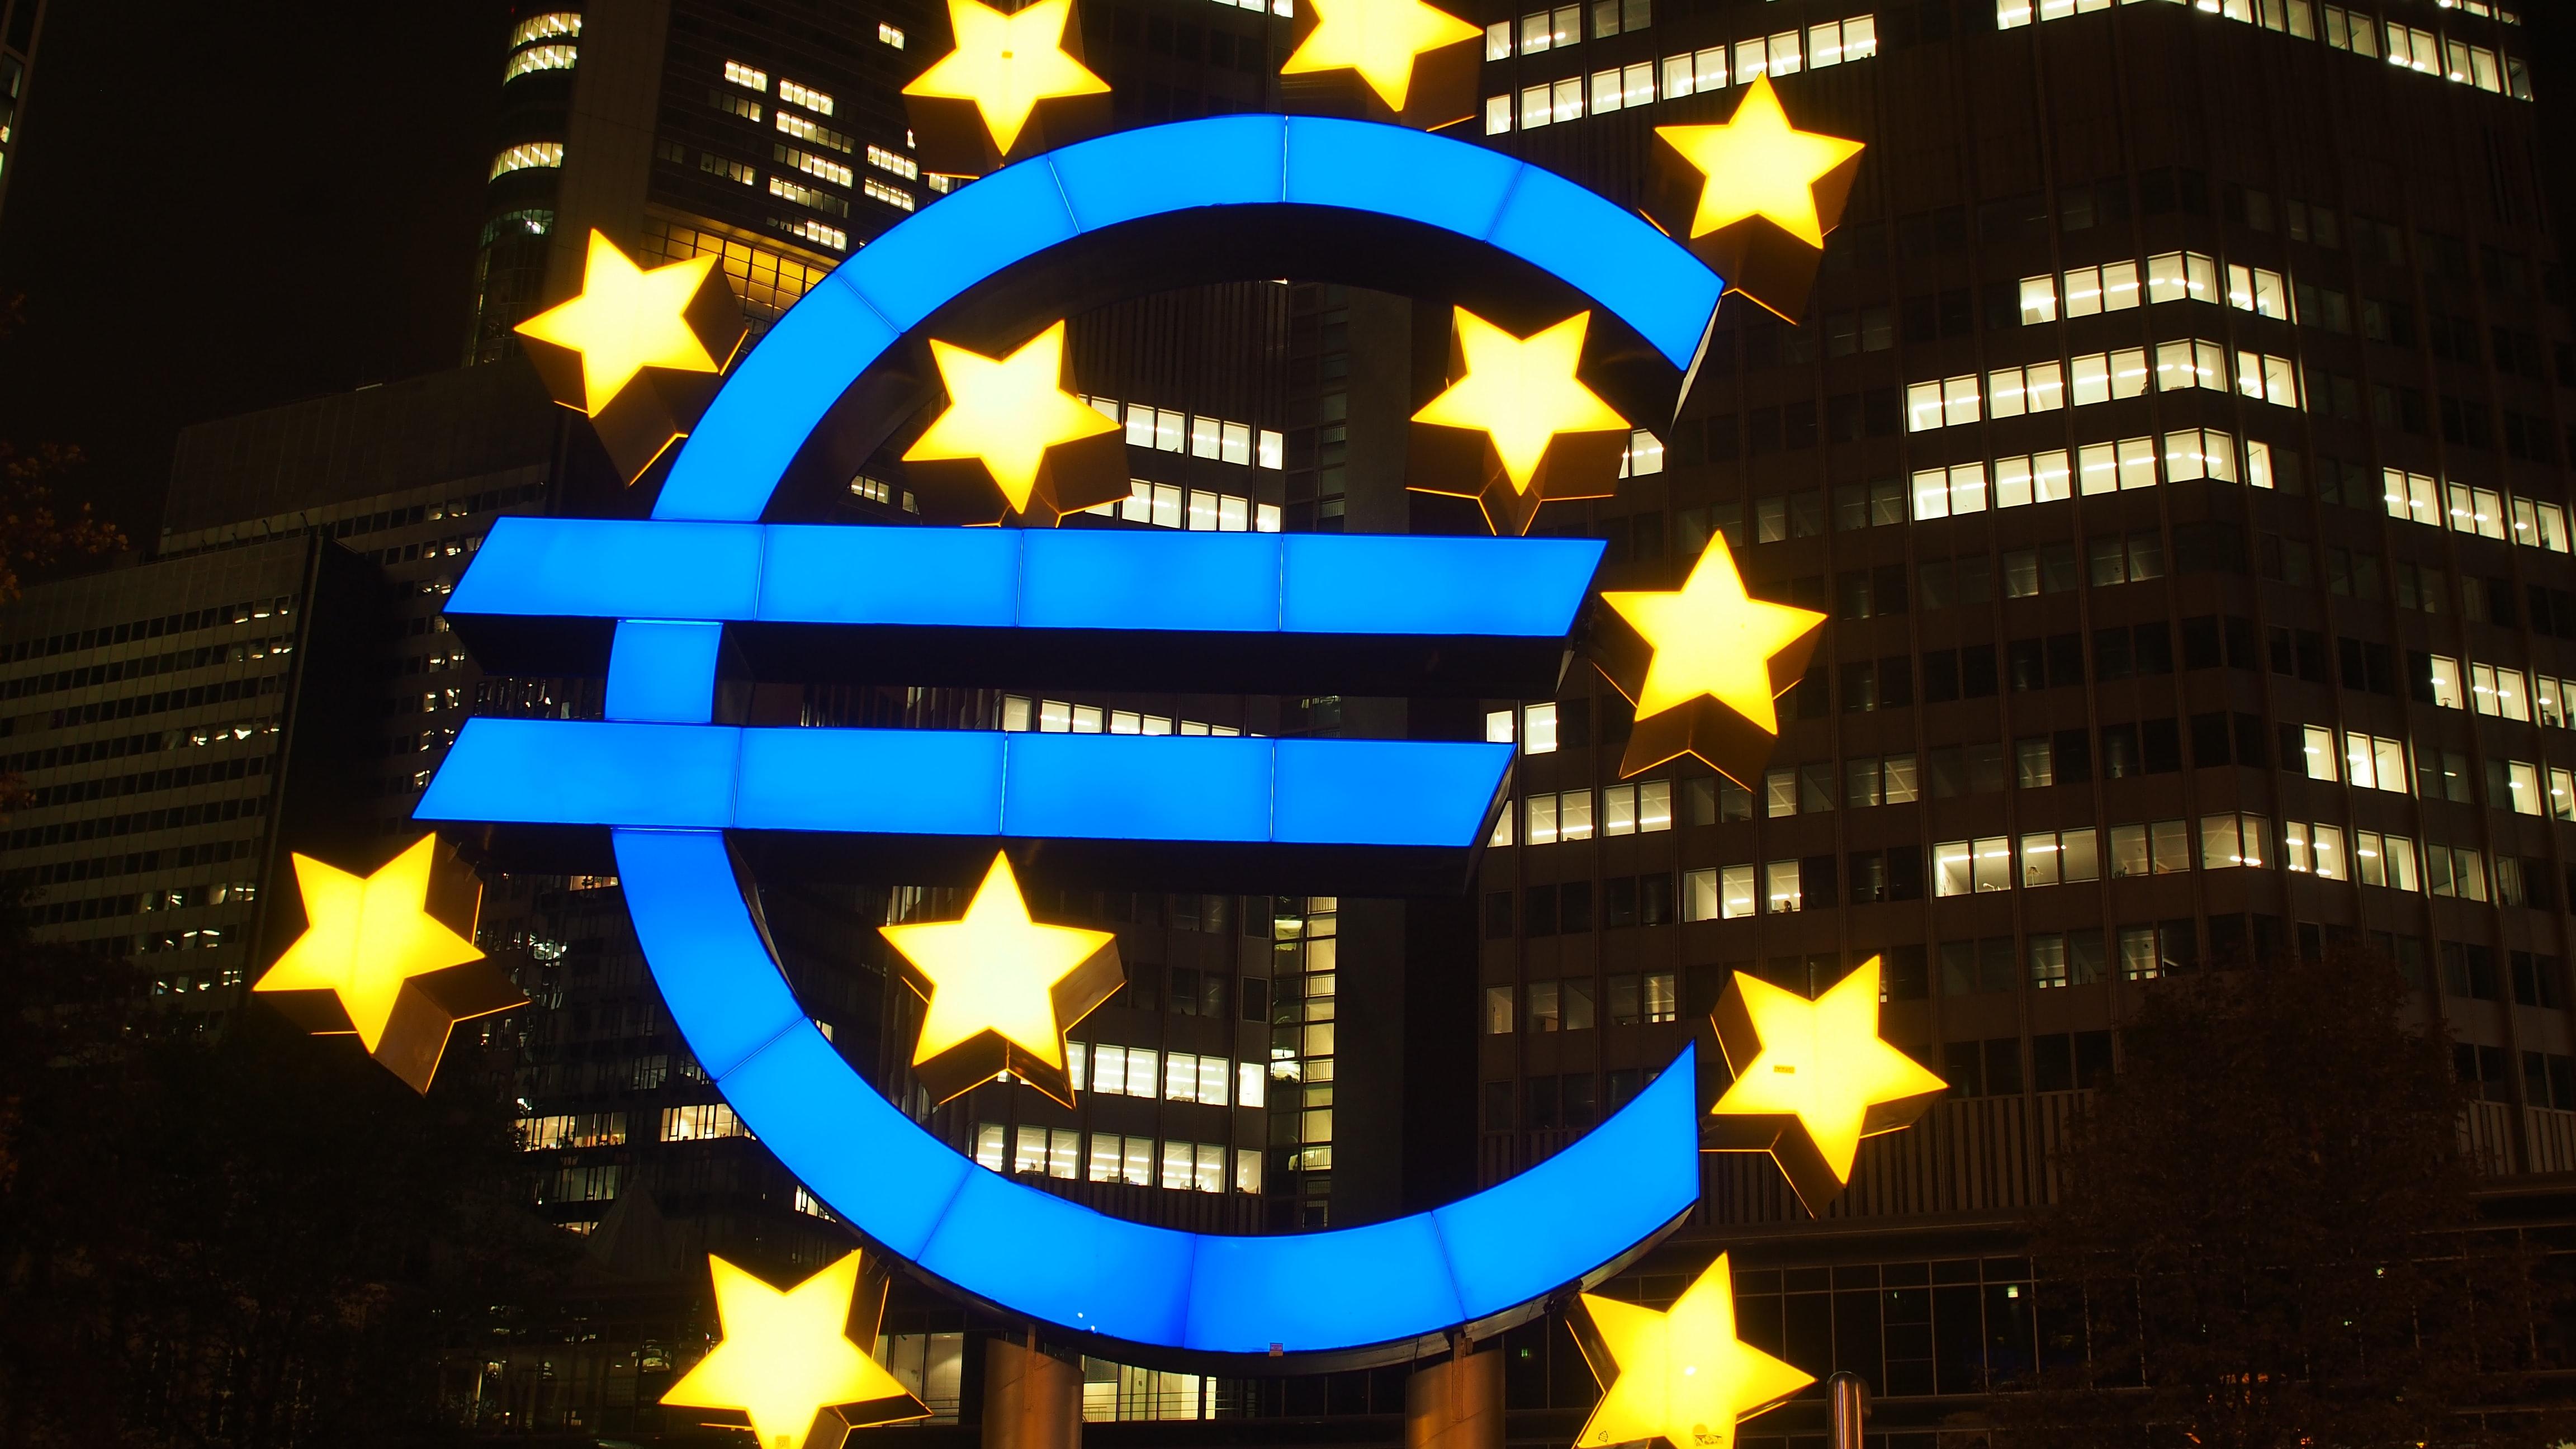 Zasíláme zboží také na Slovensko a do ostatních zemí EU. Ceny zboží v e-shopu lze zobrazit a nakoupit také v EUR (měnu přepínáte v pravém horním rohu).